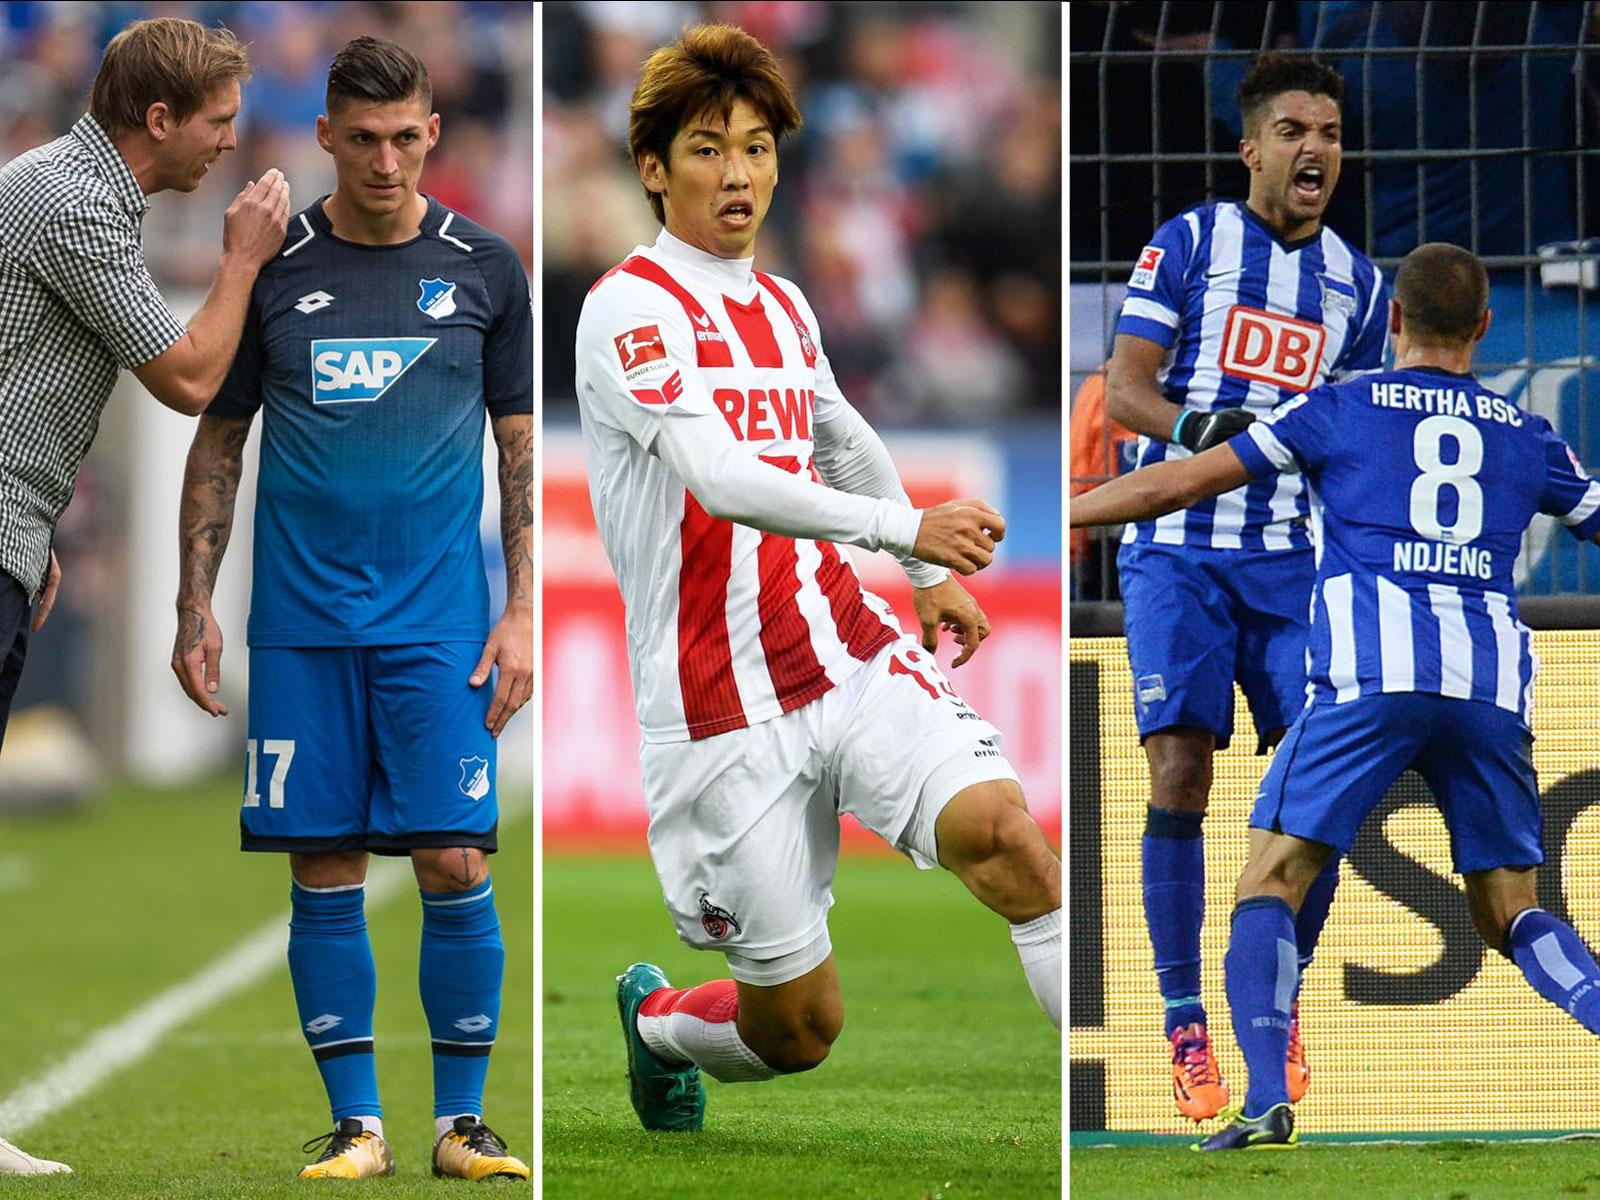 Europa League Im Live Ticker Pleiten Für Köln Hertha Und Hoffenheim